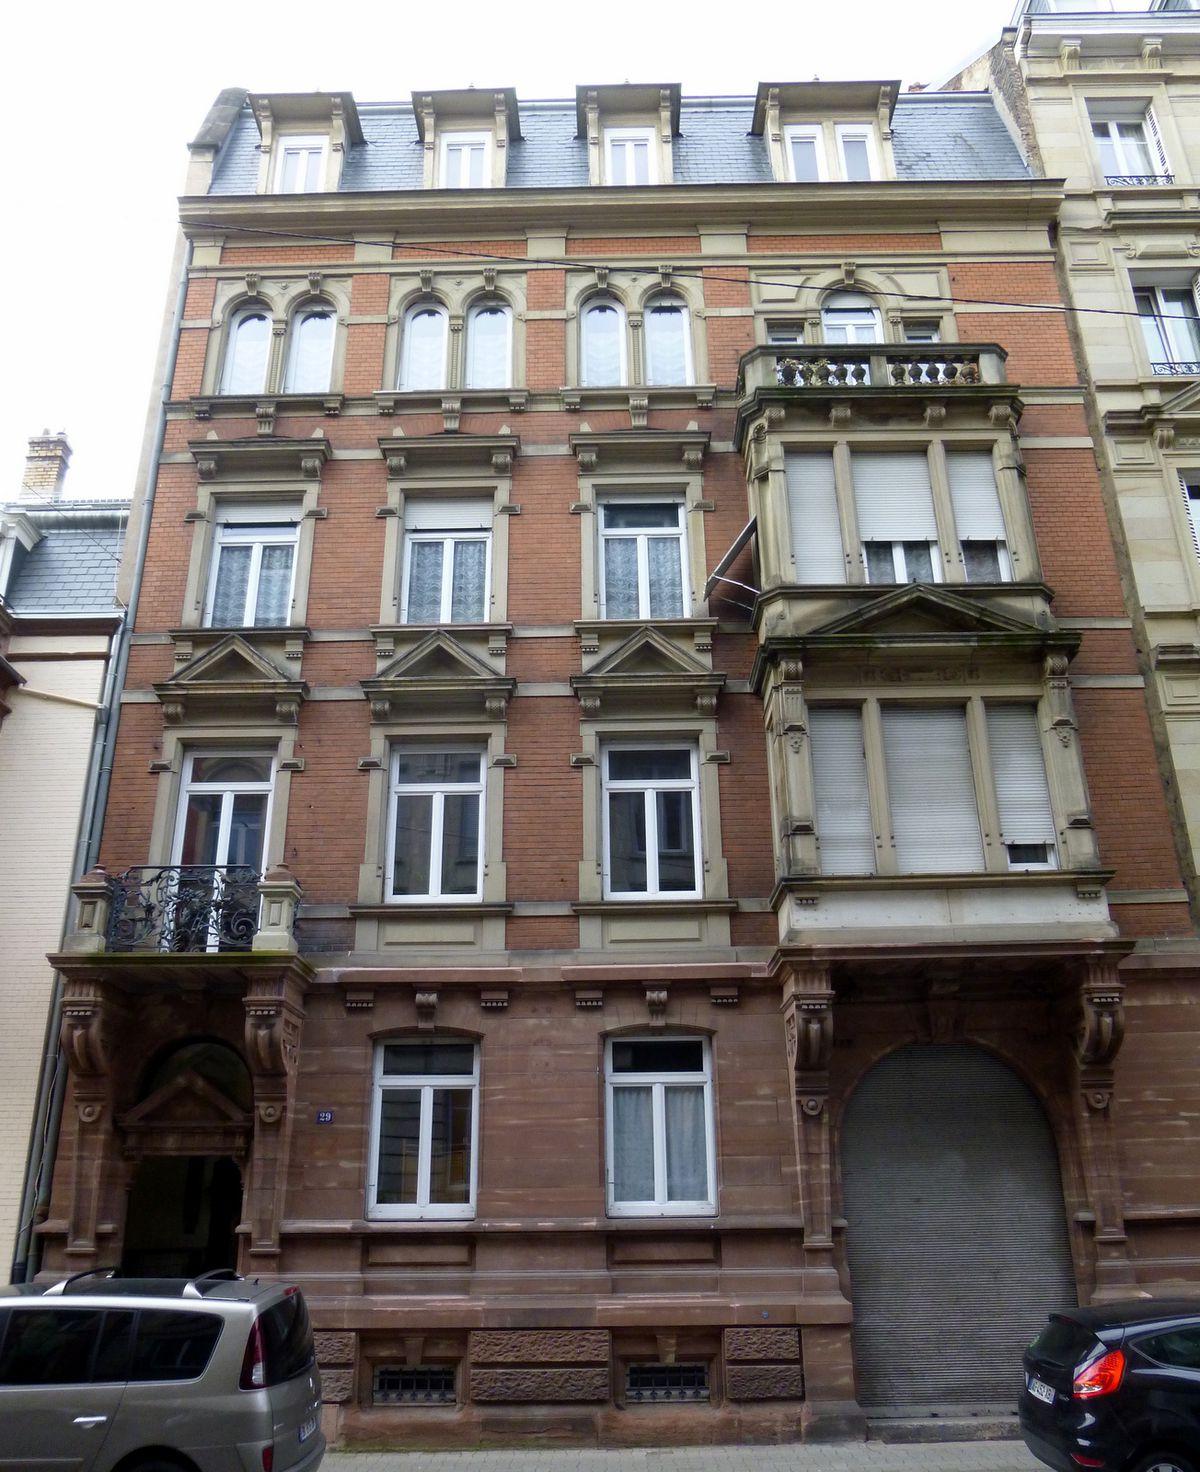 29 Rue De La Ferronnerie 29 rue du maréchal foch (strasbourg) — archi-wiki